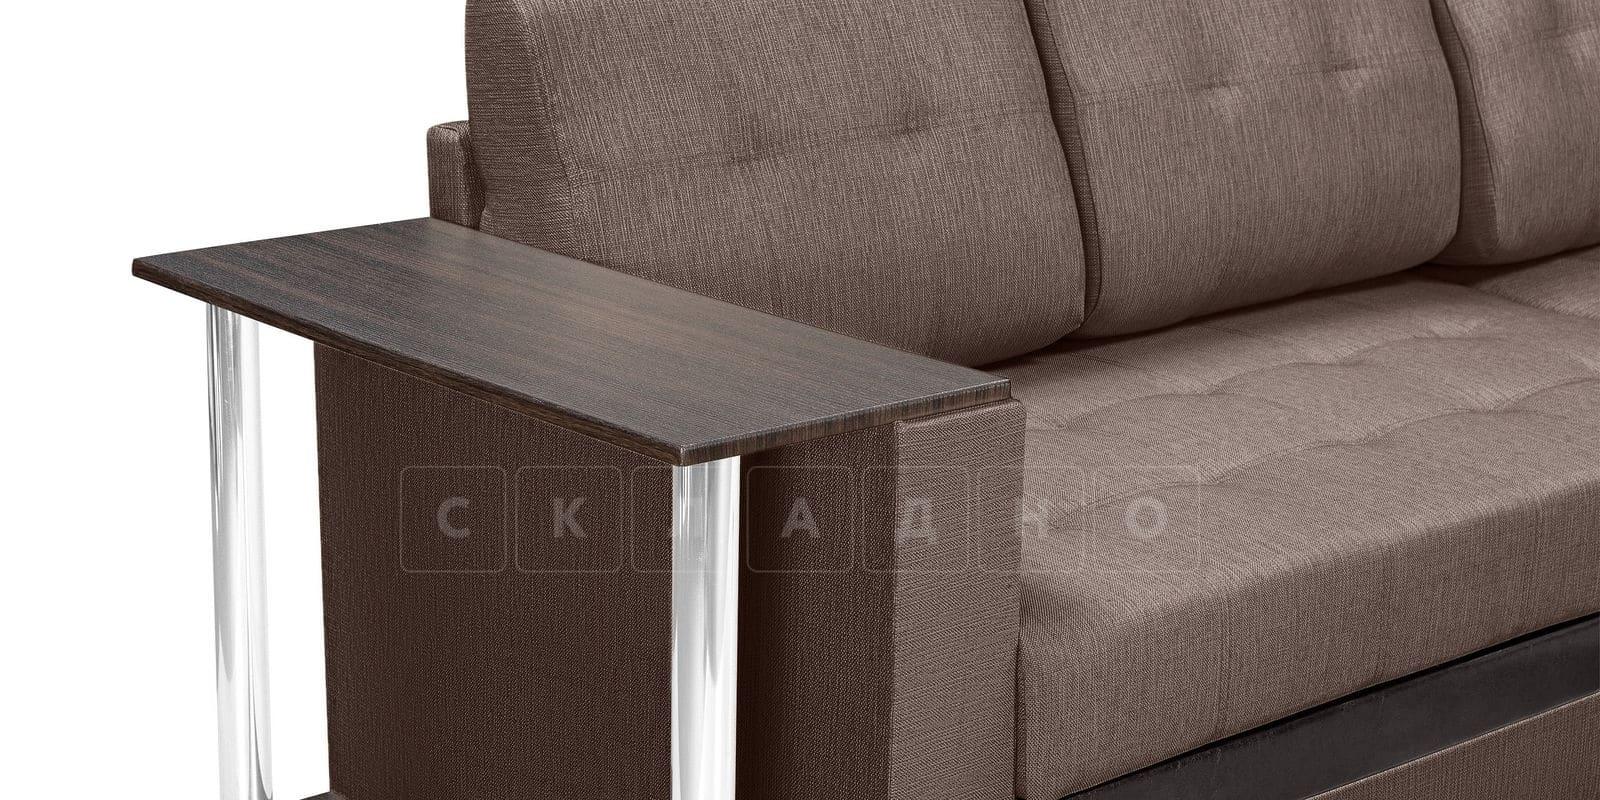 Угловой диван Атланта рогожка коричневого цвета фото 7 | интернет-магазин Складно